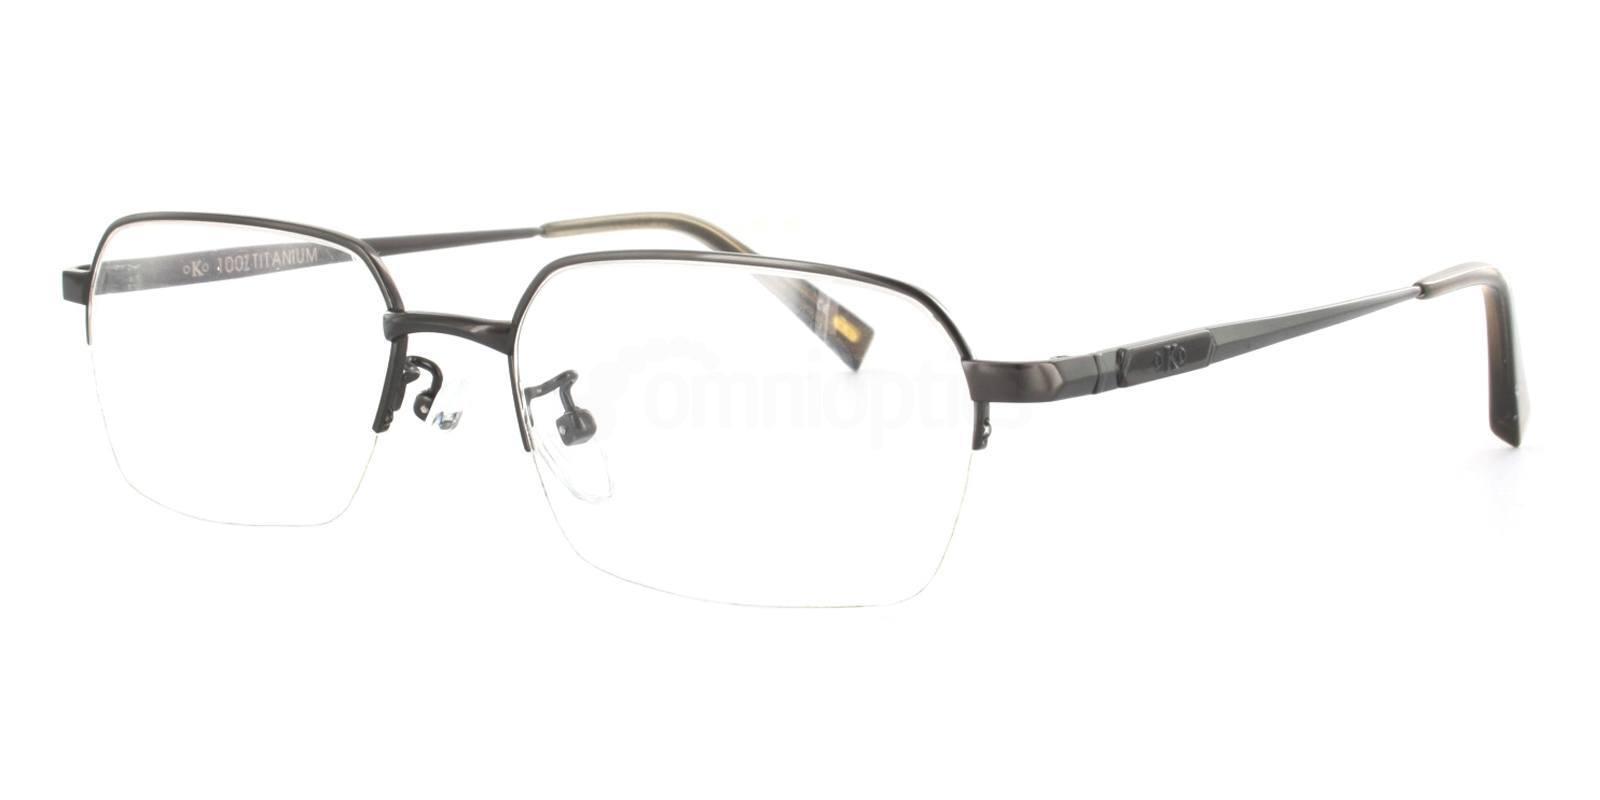 C3 T0591N Glasses, Antares